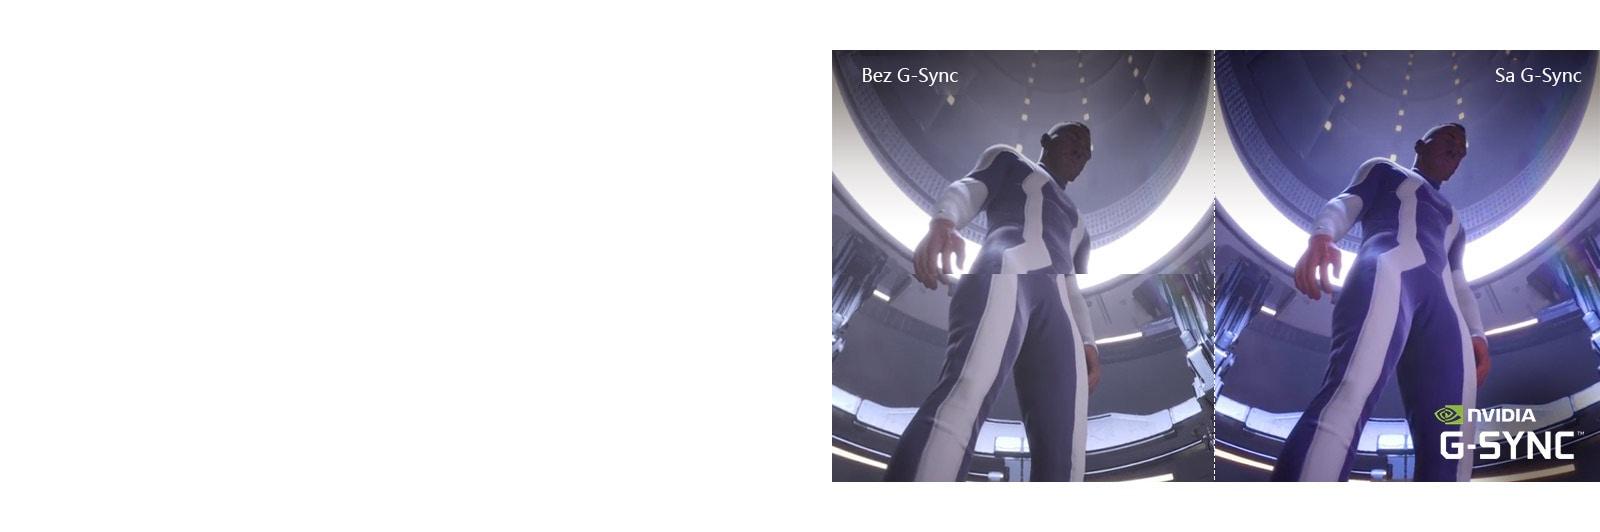 Prizor lika iz video igre je prikazan na LCD / LED televizorju z raztrgano sliko, druga polovica pa je prikazana na LG OLED TV, ne da bi se slika raztrgala.